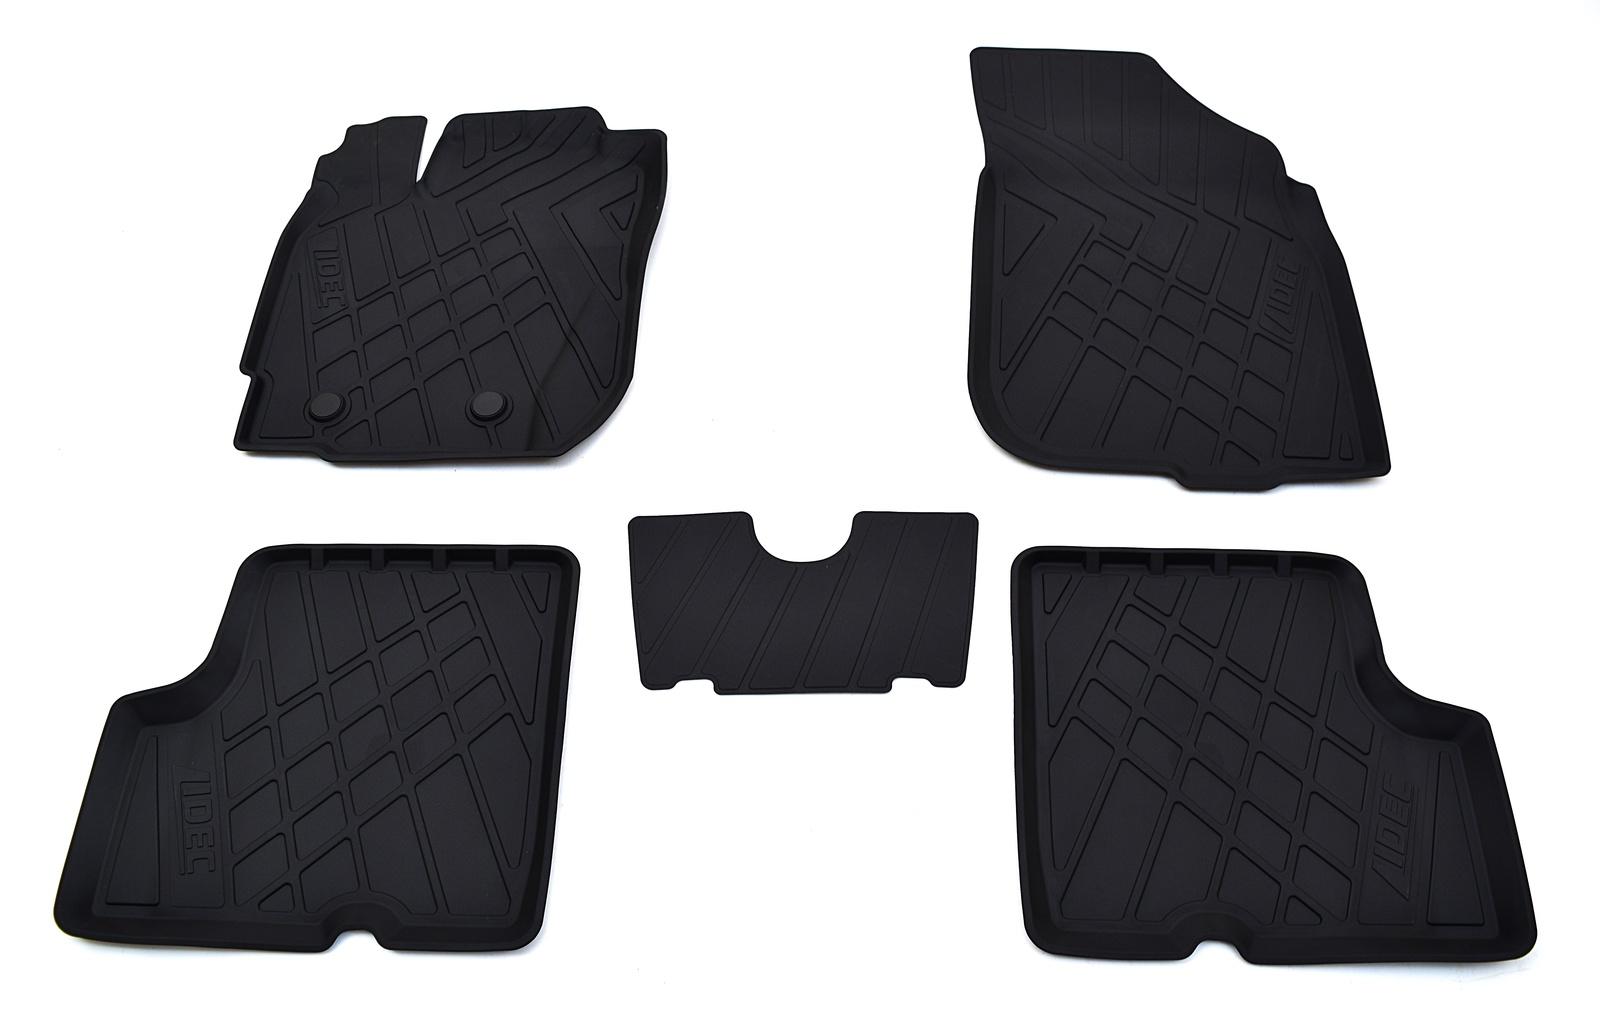 Коврики в салон автомобиля Avtodriver литьевые для Datsun On-Do (2014), Np11-Ldc-16-400, черный gm ldc 300o